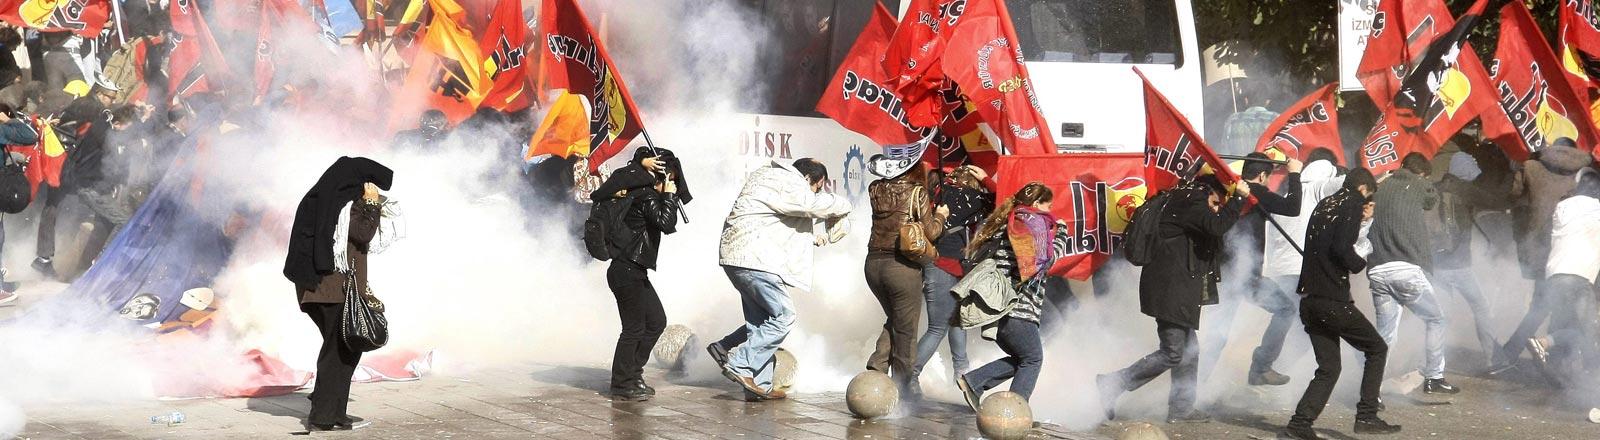 Türkische Demonstranten fliehen 2013 vor Gasrauch, den die Polizei in die Menge schießt.